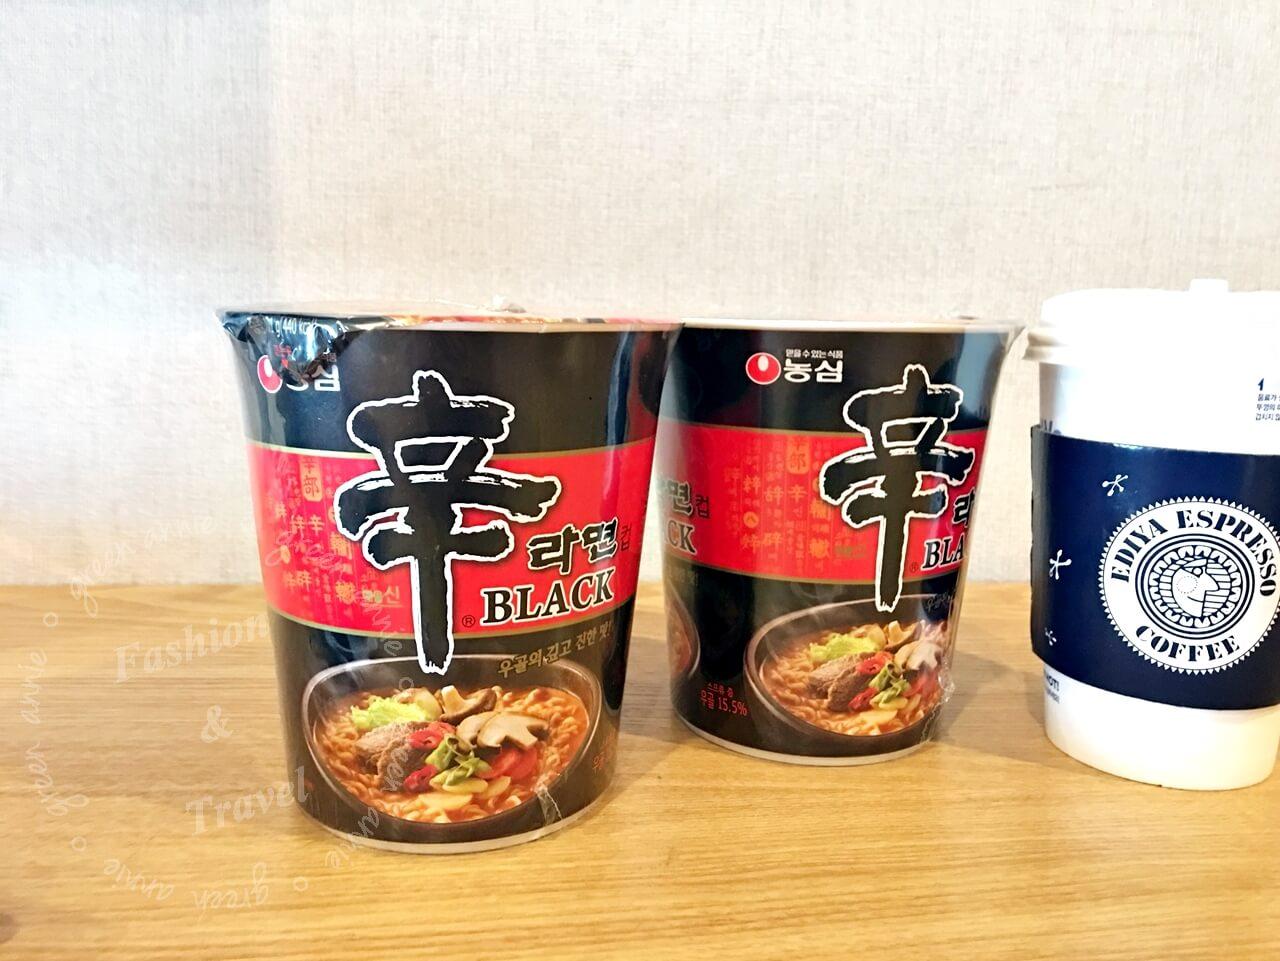 黑辛拉麵(牛骨濃湯風味),韓國限定,來韓國必吃的便利商店美食